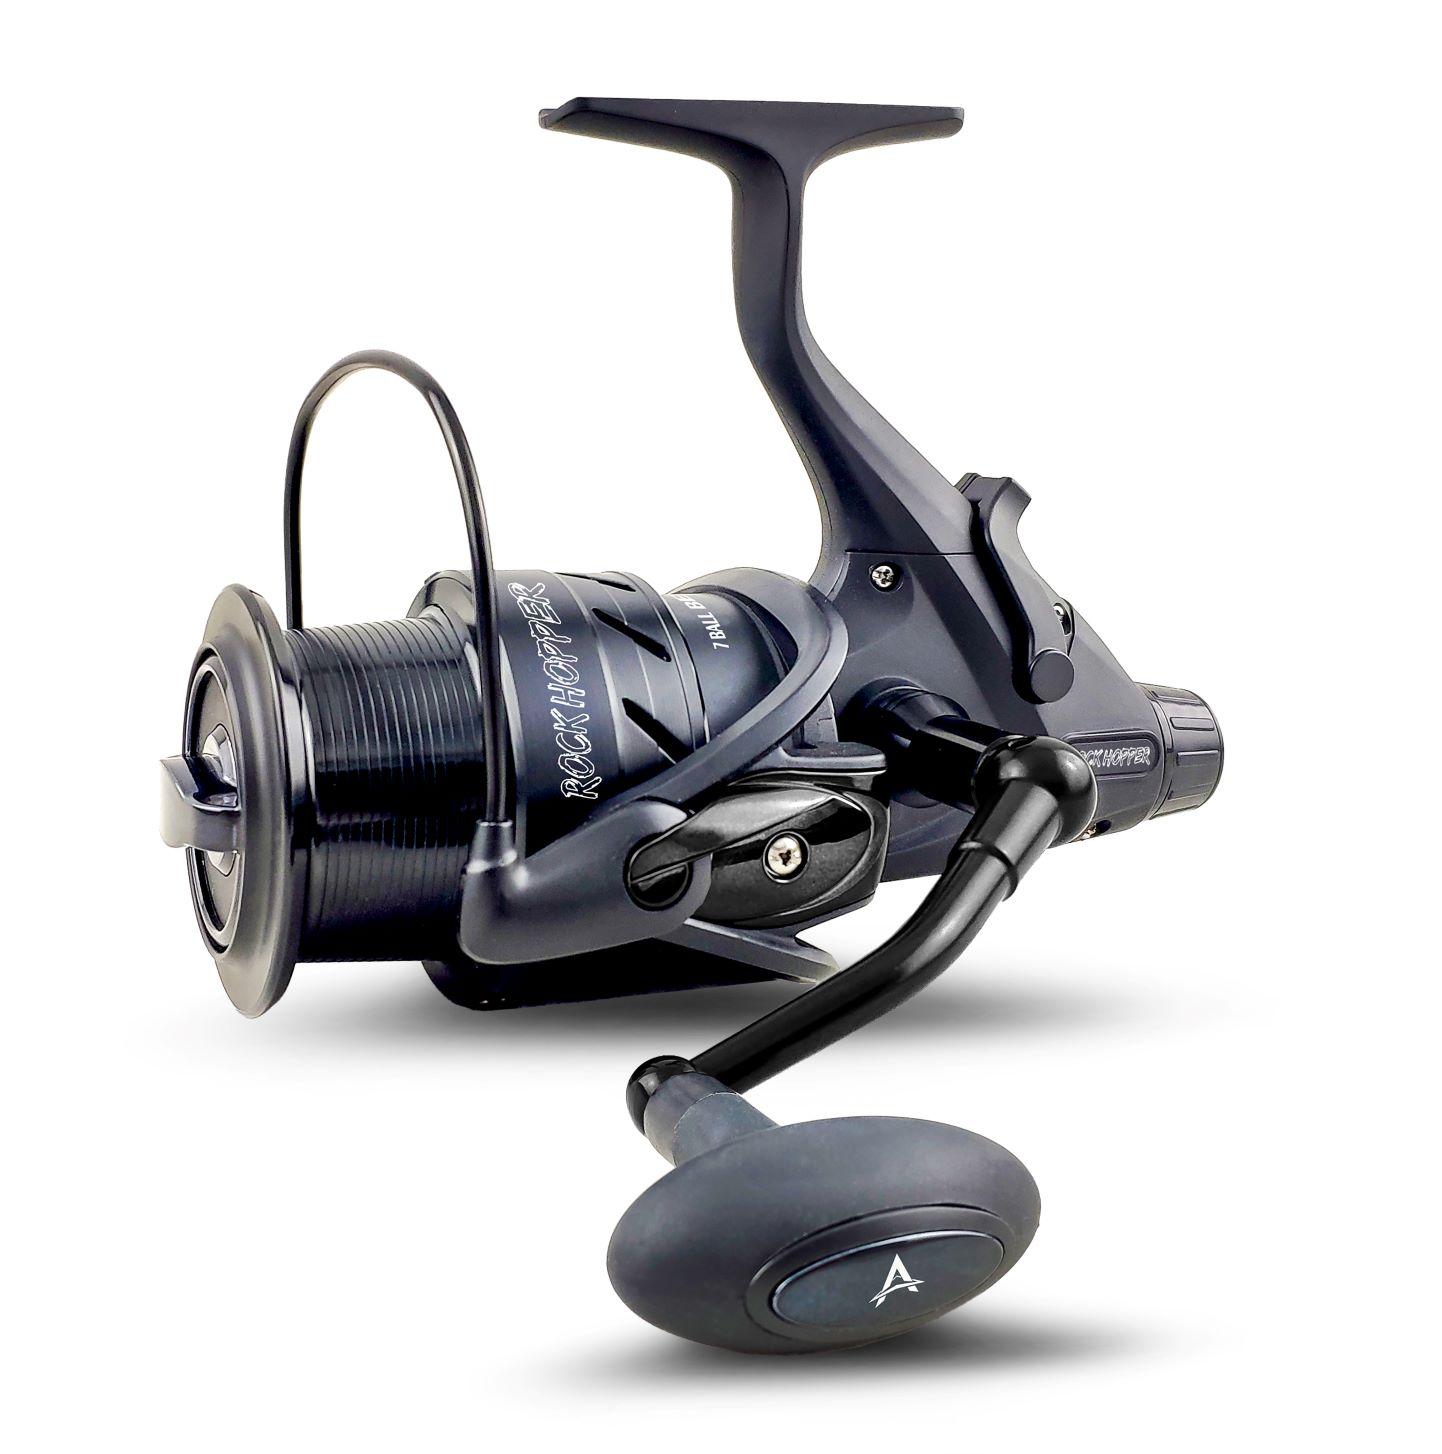 Anaconda náhradní cívka Rock Hopper 5000 MR